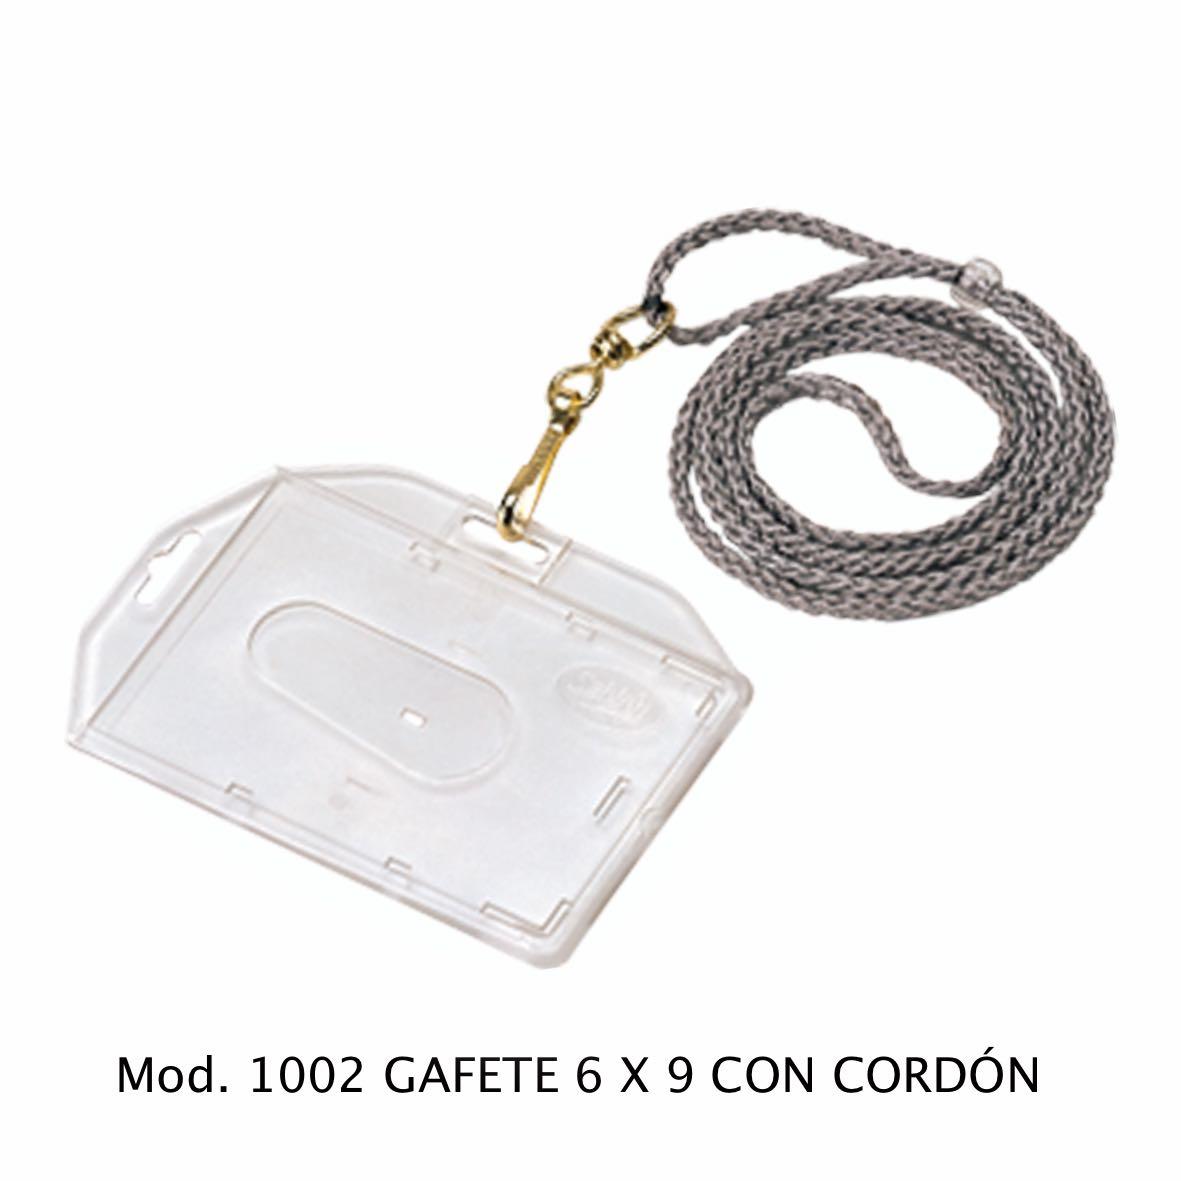 Gafete con cordón chico Modelo 1002 - Sablón